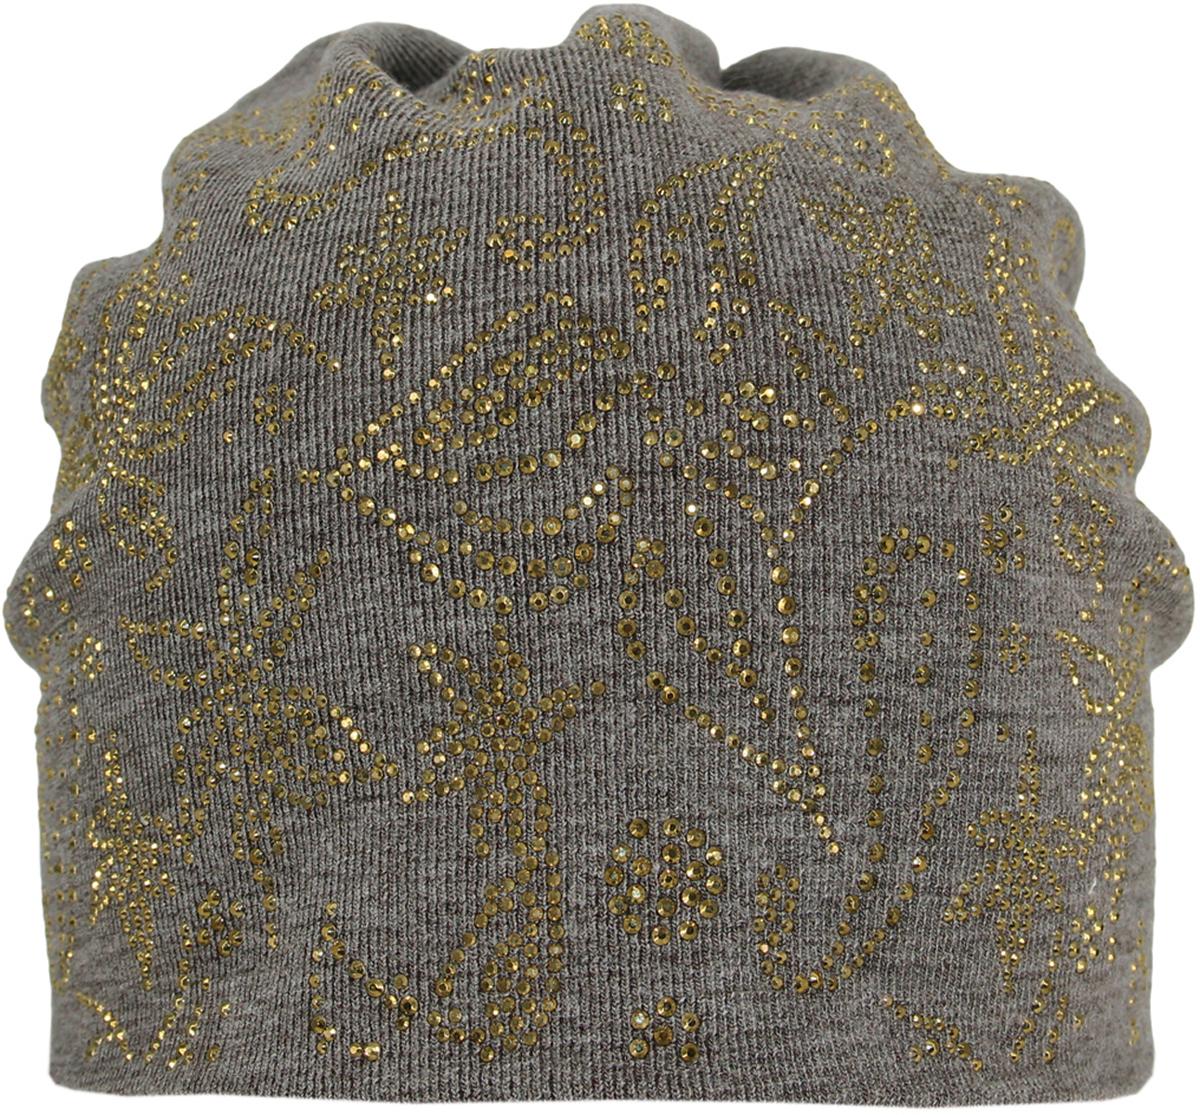 383624Стильная женская шапка Level Pro дополнит ваш наряд и не позволит вам замерзнуть в холодное время года. Шапка выполнена из шерсти и полиэстера, что позволяет ей великолепно сохранять тепло, и обеспечивает высокую эластичность и удобство посадки. Изделие оформлено оригинальным принтом выложенным из страз. Такая шапка составит идеальный комплект с модной верхней одеждой, в ней вам будет уютно и тепло.